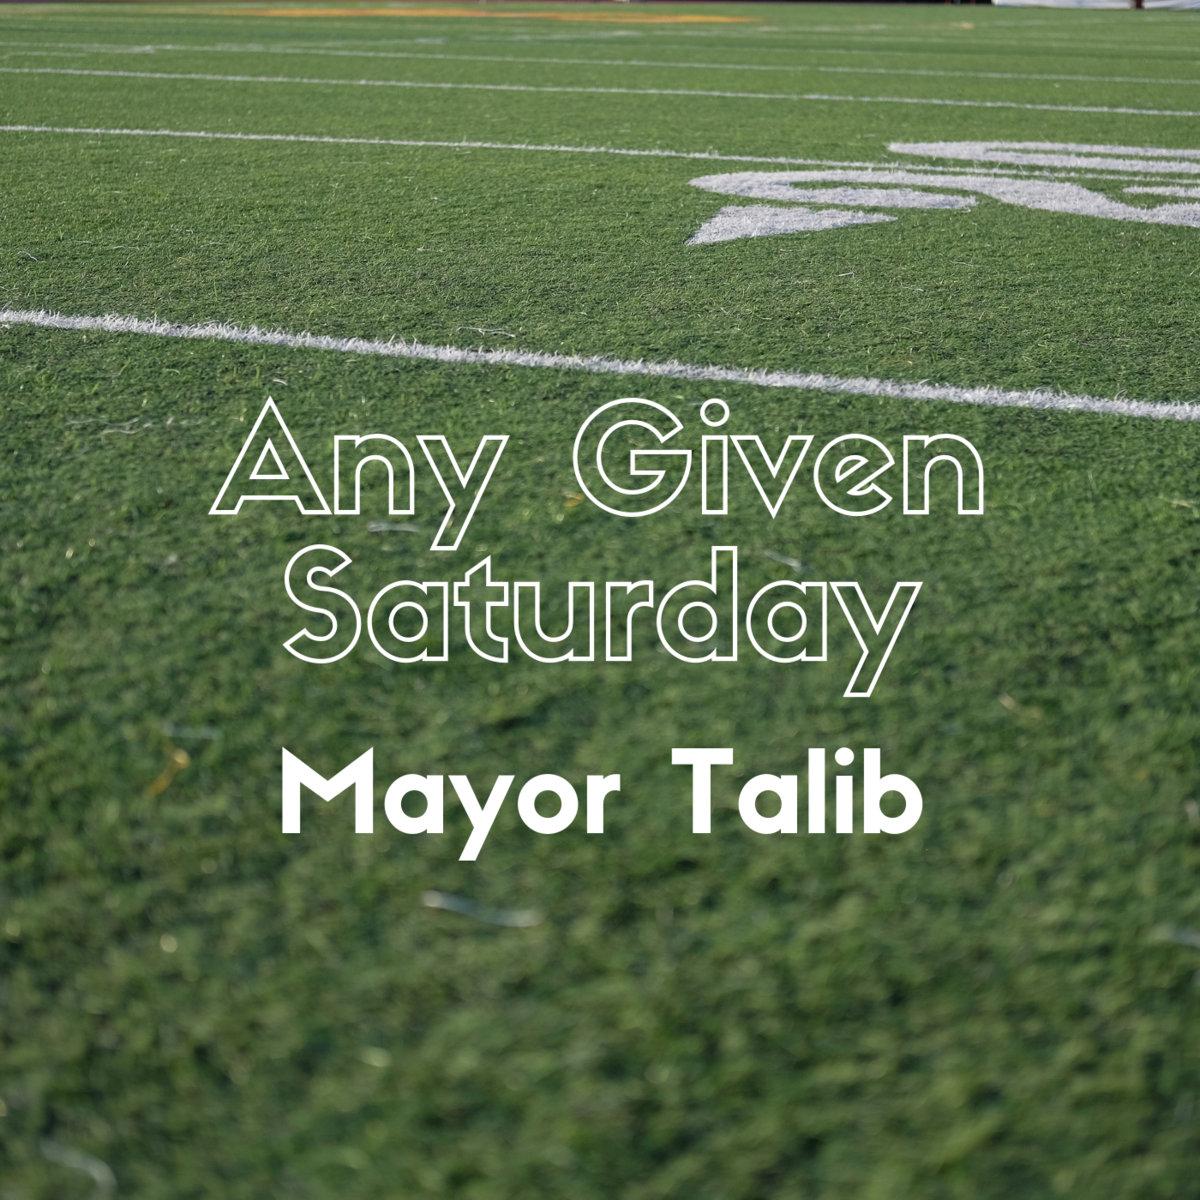 Any Given Saturday by Mayor Talib